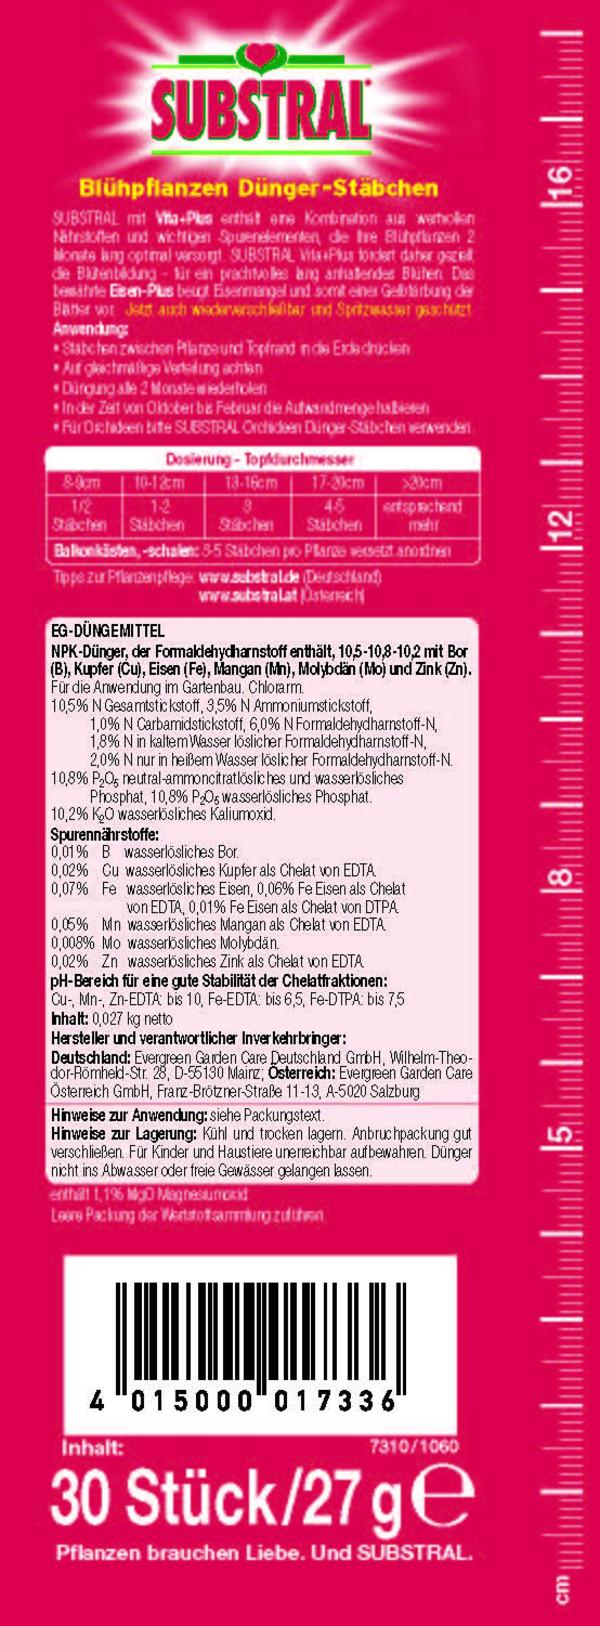 Substral® Blühpflanzen Dünger-Stäbchen, 30 Stk.